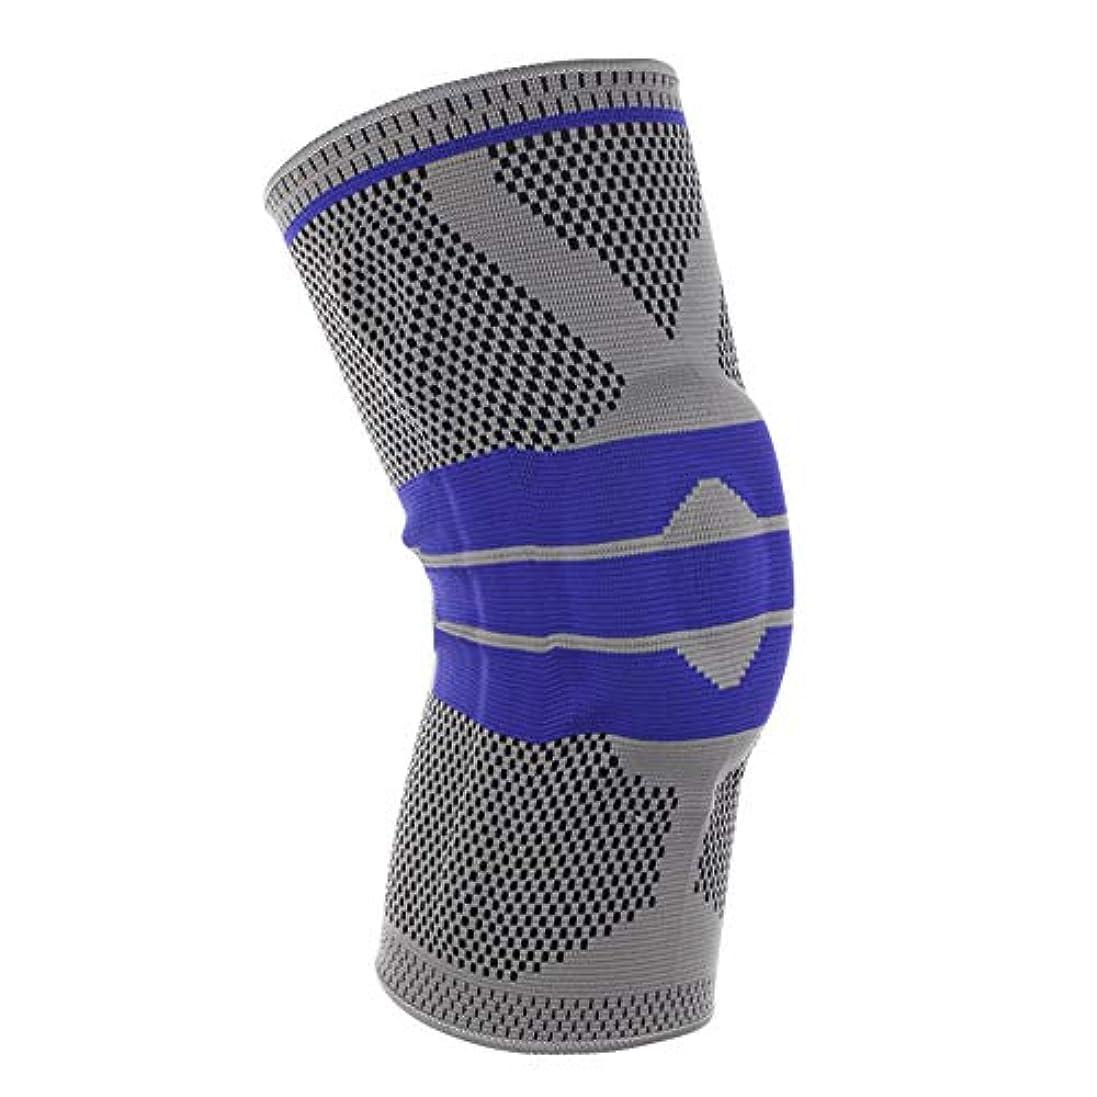 OLDFスポーツ膝パッドシリコンスプリングニット膝パッドバスケットボールクライミングを実行する膝サポーターひざ